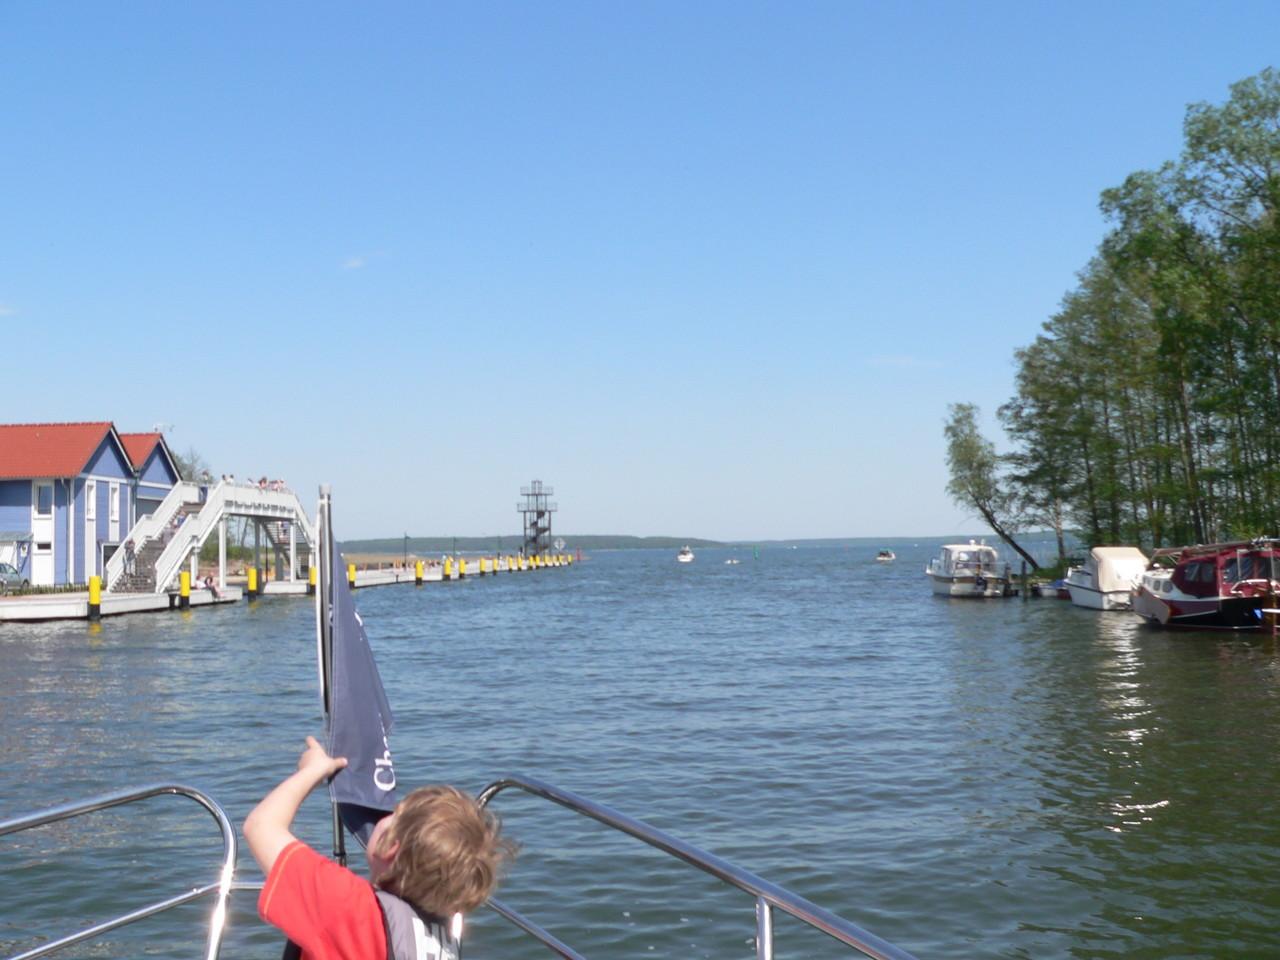 Ausfahrt von der Elde Müritz Wasserstraße in denAuf Plauer See!